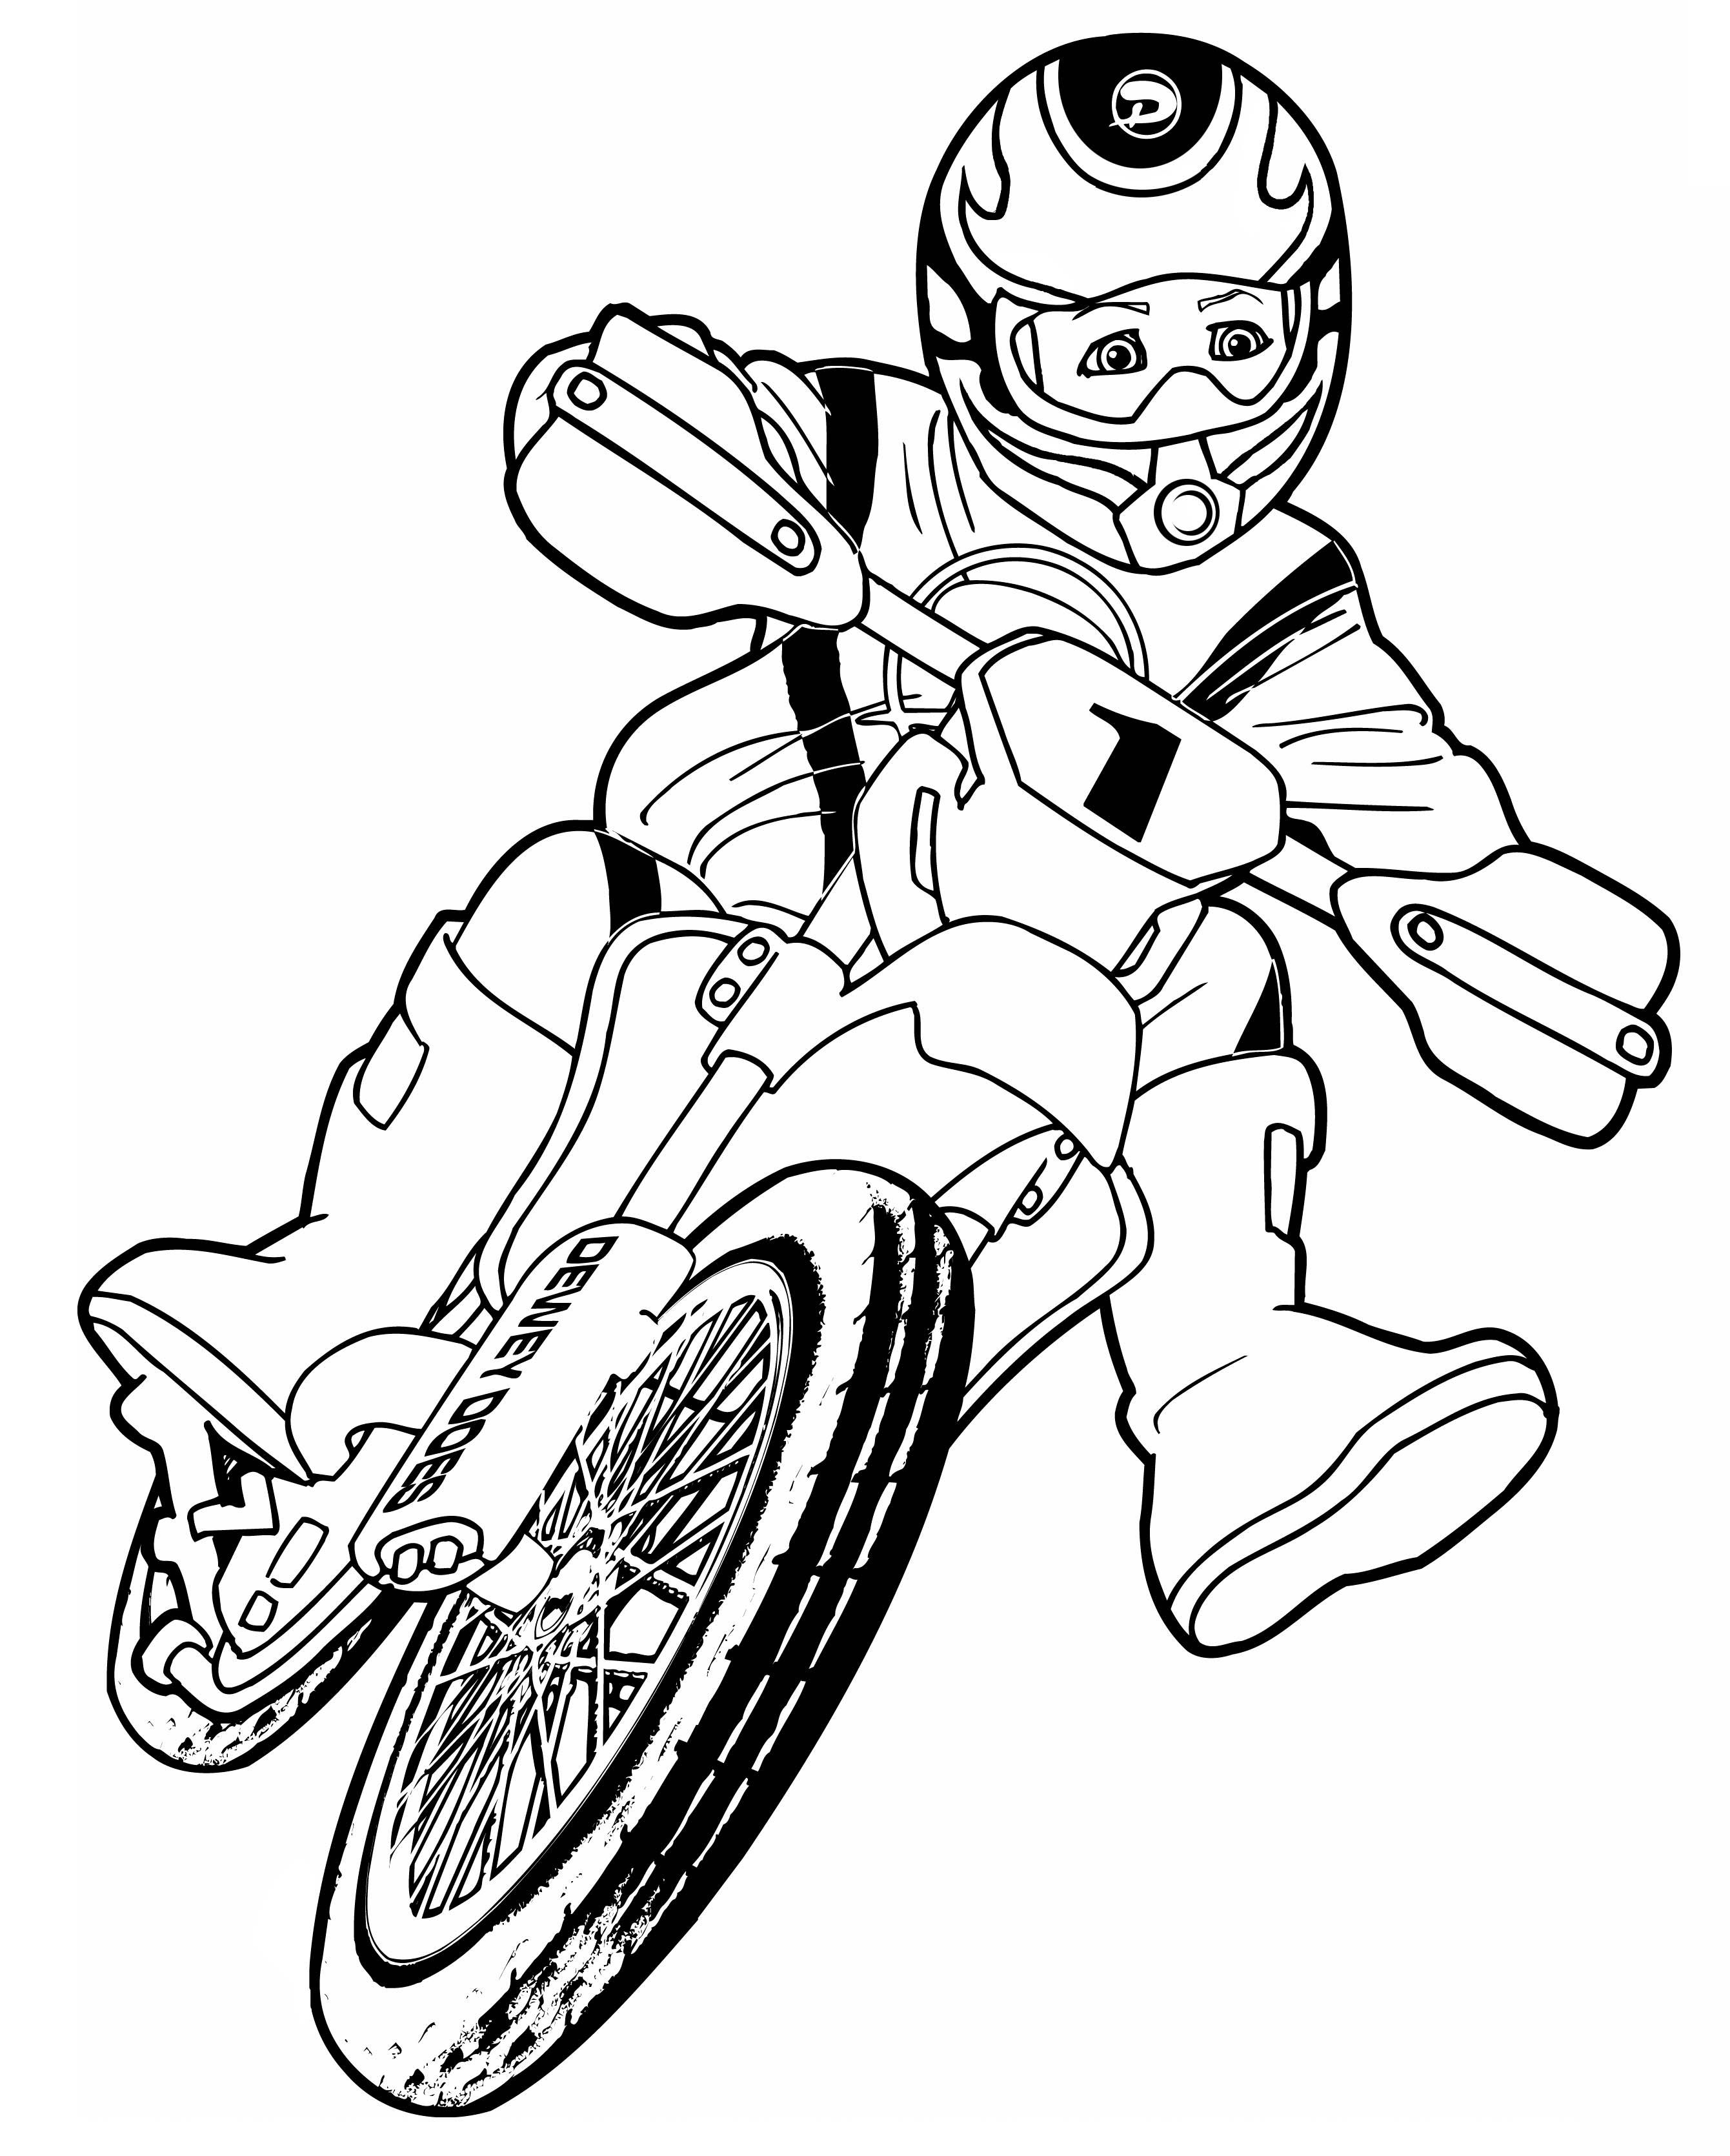 Drawn bike coloring page #3